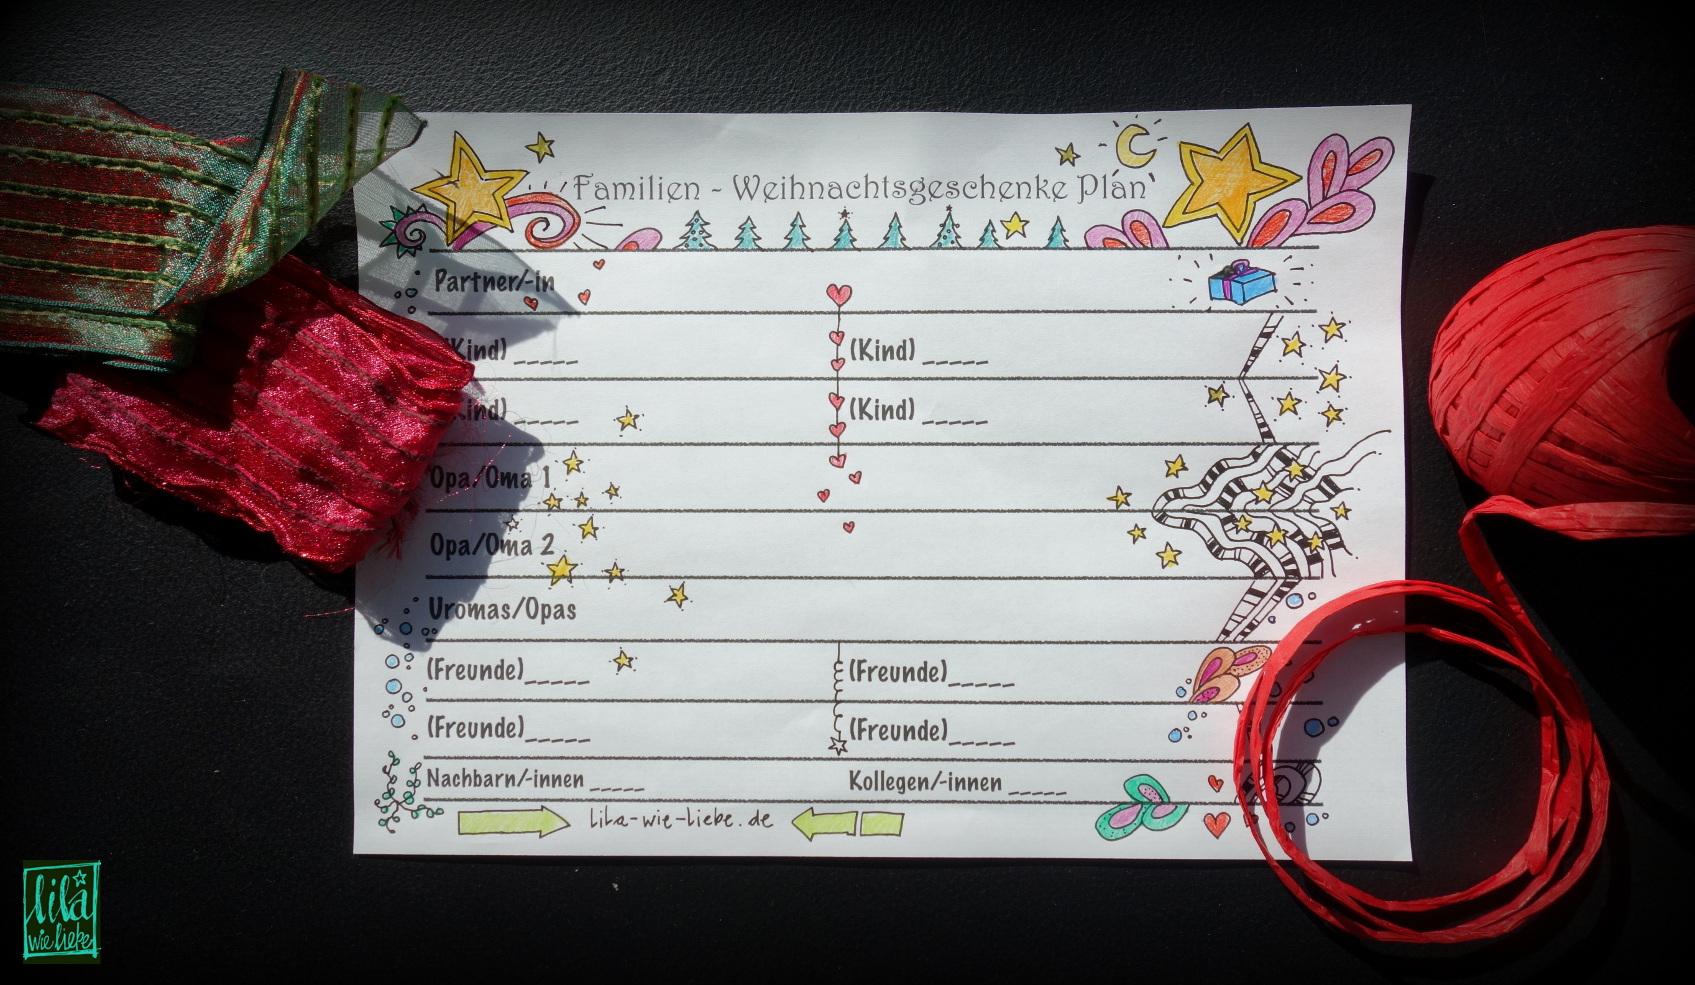 Kostenlose Weihnachtsgeschenke.Weihnachtsgeschenke Familien Plan Lila Wie Liebe